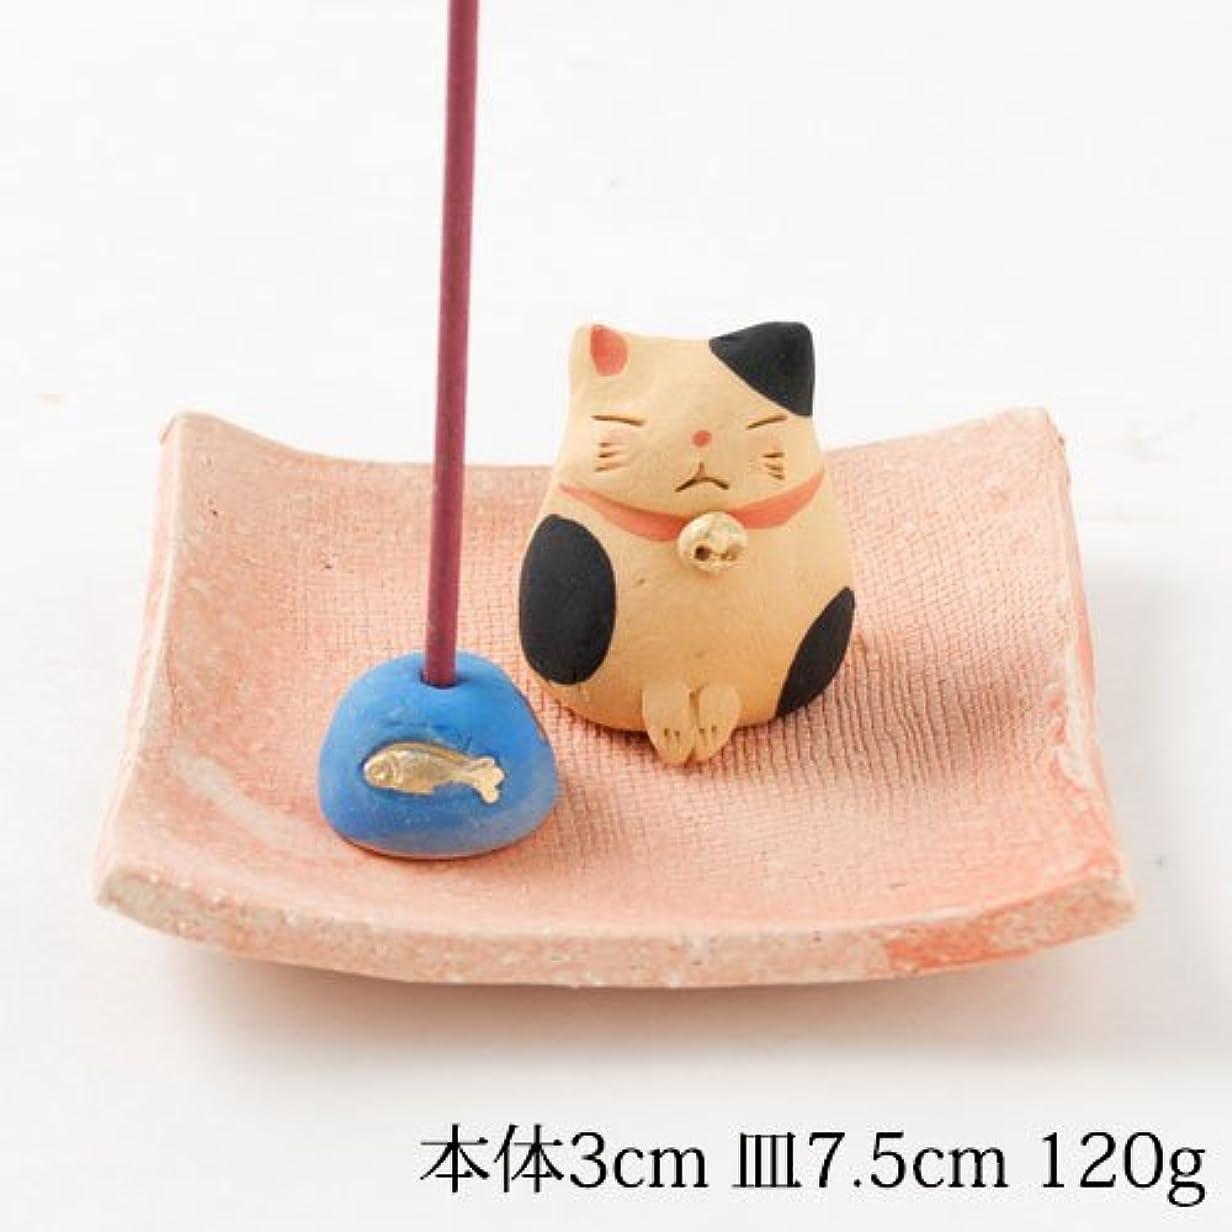 煩わしいワイプ文芸お辞儀猫香立 (K3440)Incense stand